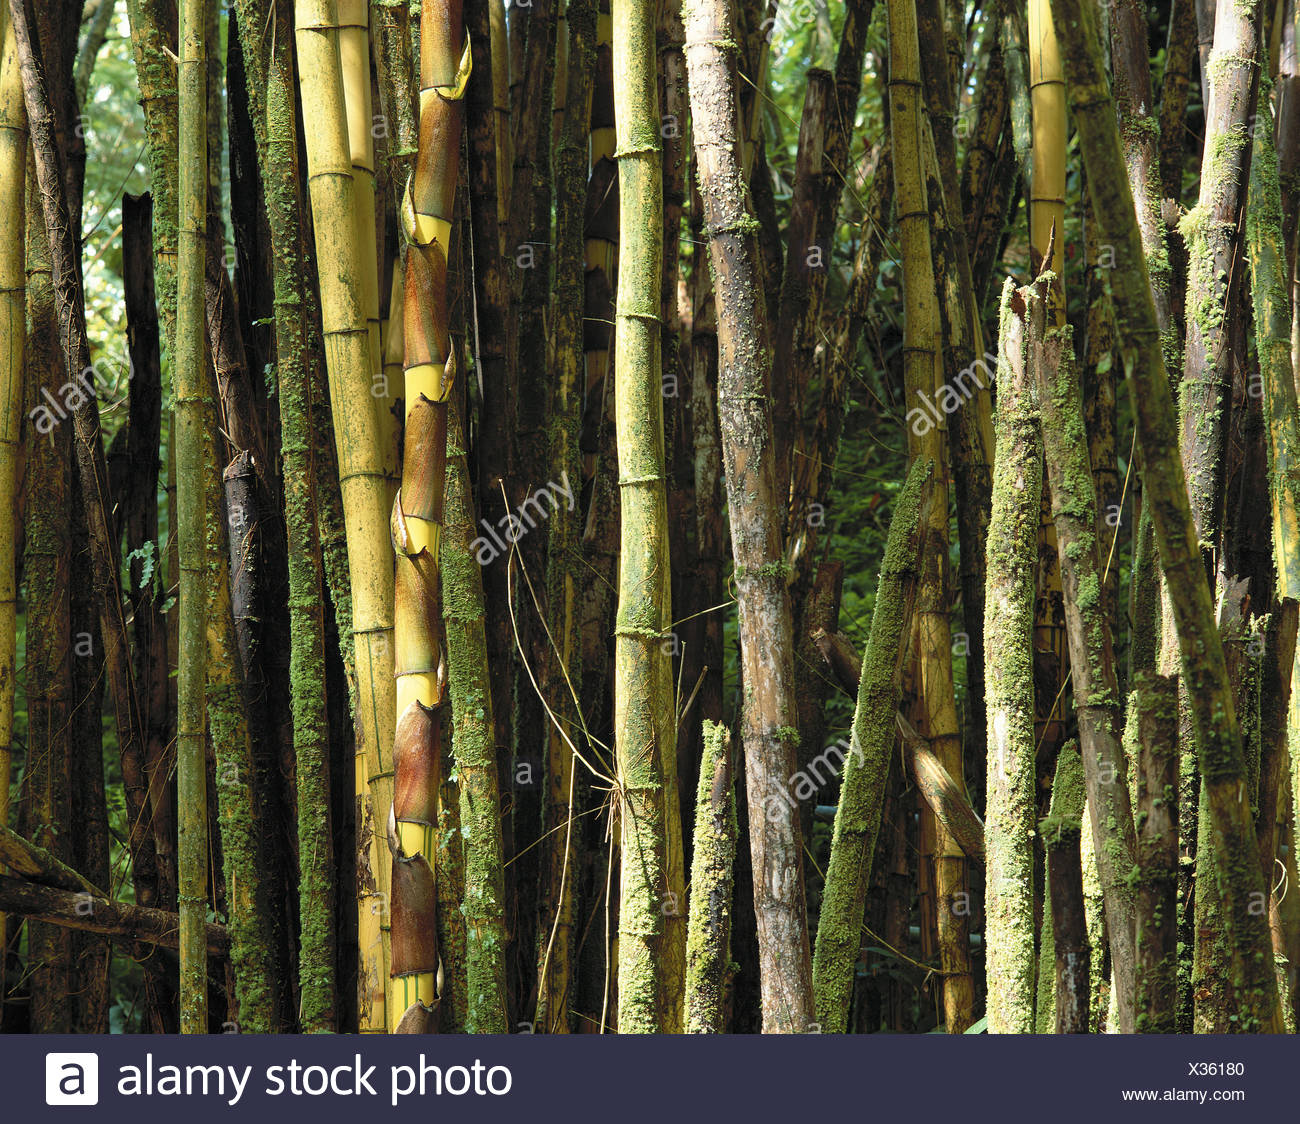 Bambus Stengel Detail Schneiden Teil Hawaii Big Island Botanischer